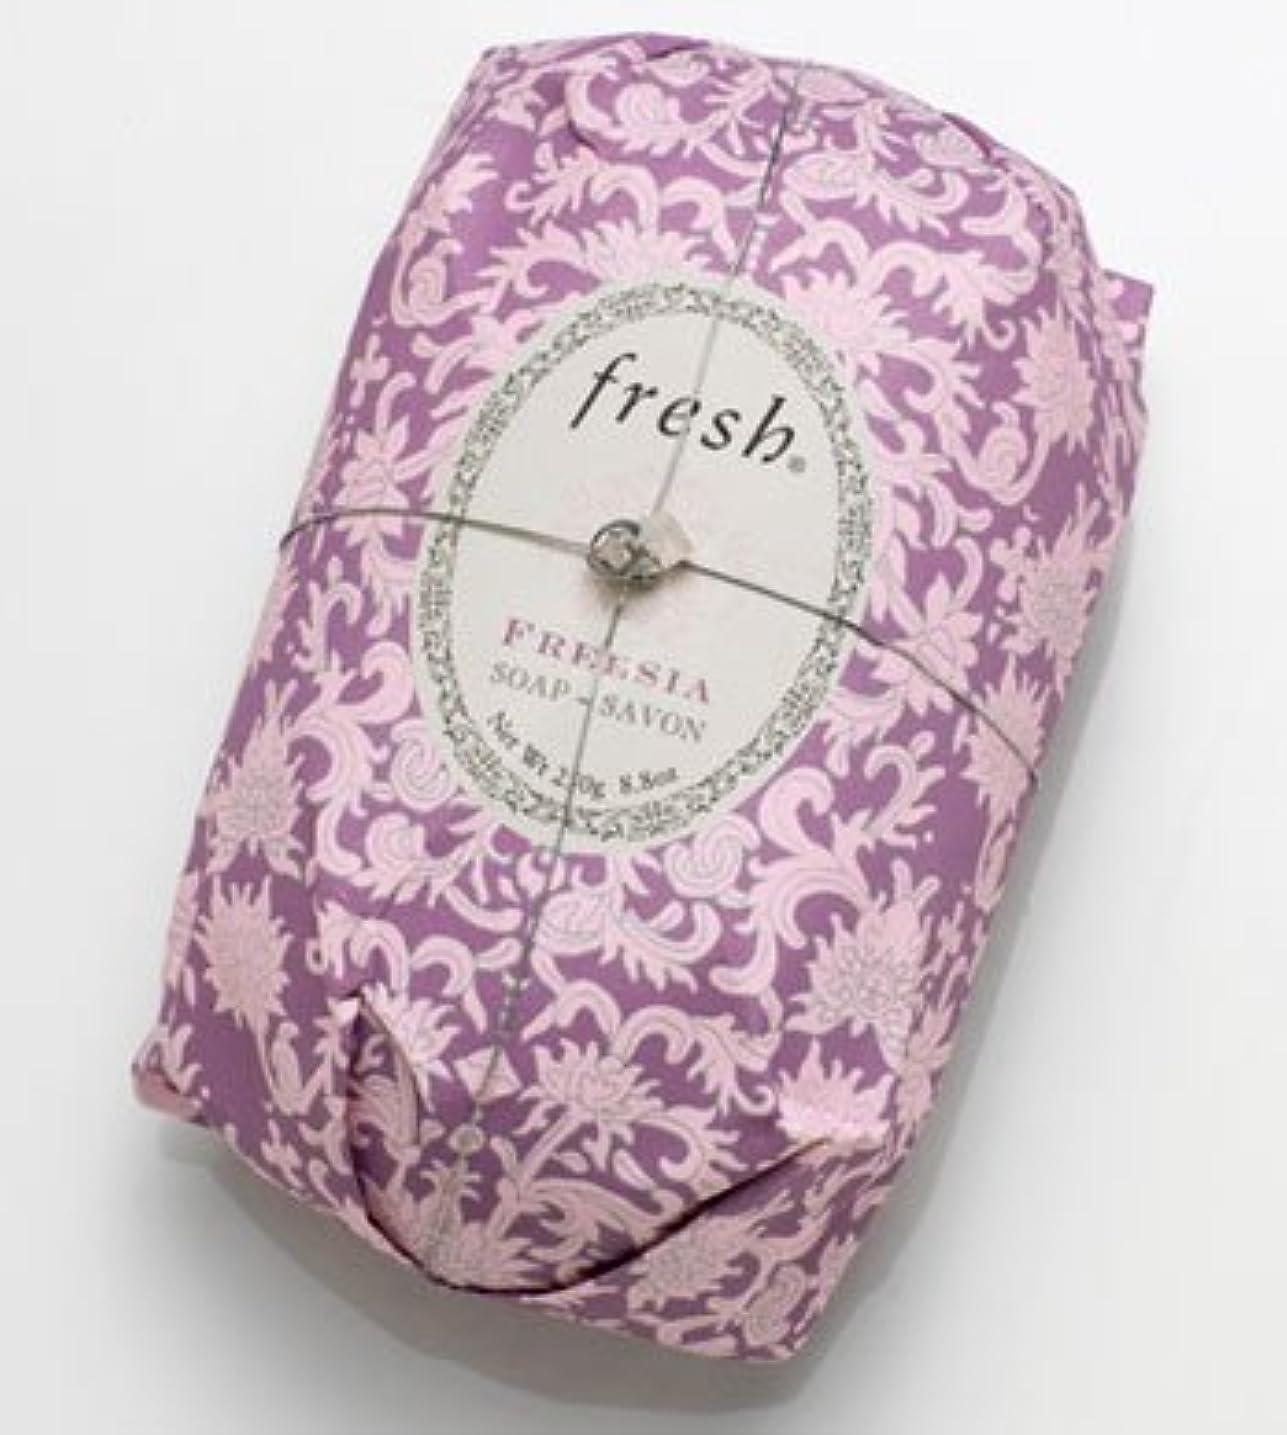 エコー直立講堂Fresh FREESIA  SOAP (フレッシュ フリージア ソープ) 8.8 oz (250g) Soap (石鹸) by Fresh